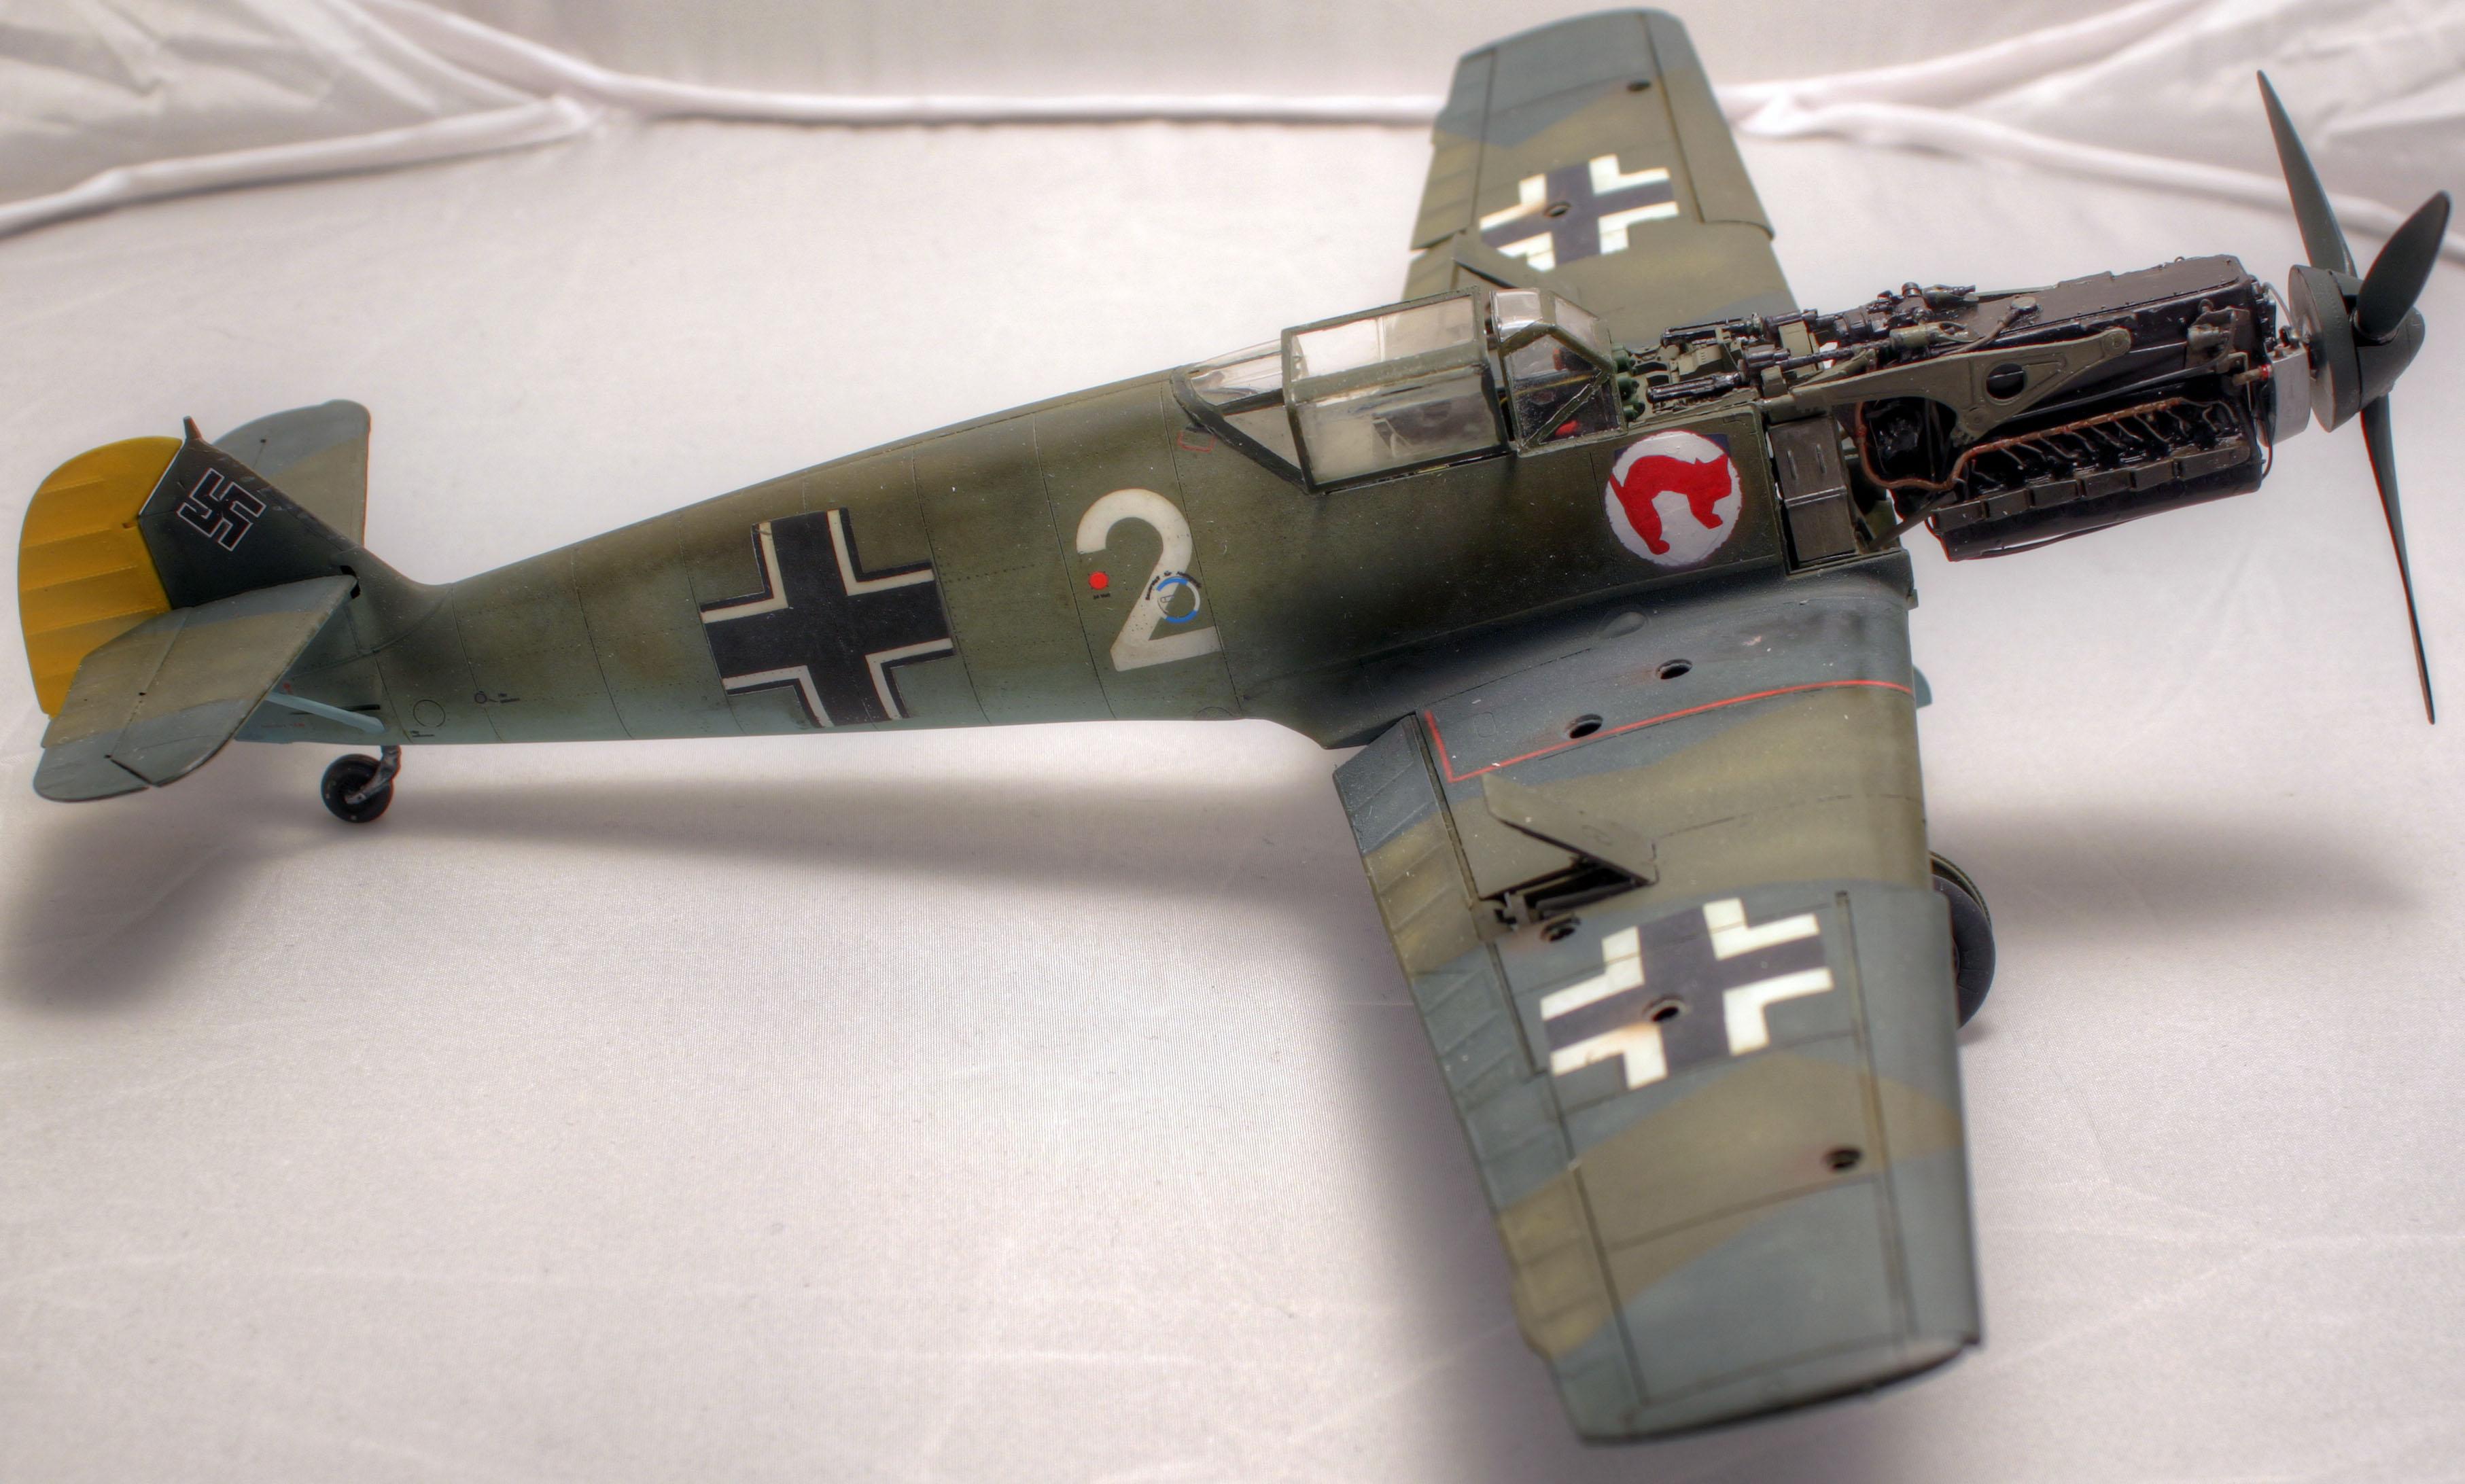 Me Bf 109 E1  [ Eduard 1/32 ] - Page 5 Oe8x9h